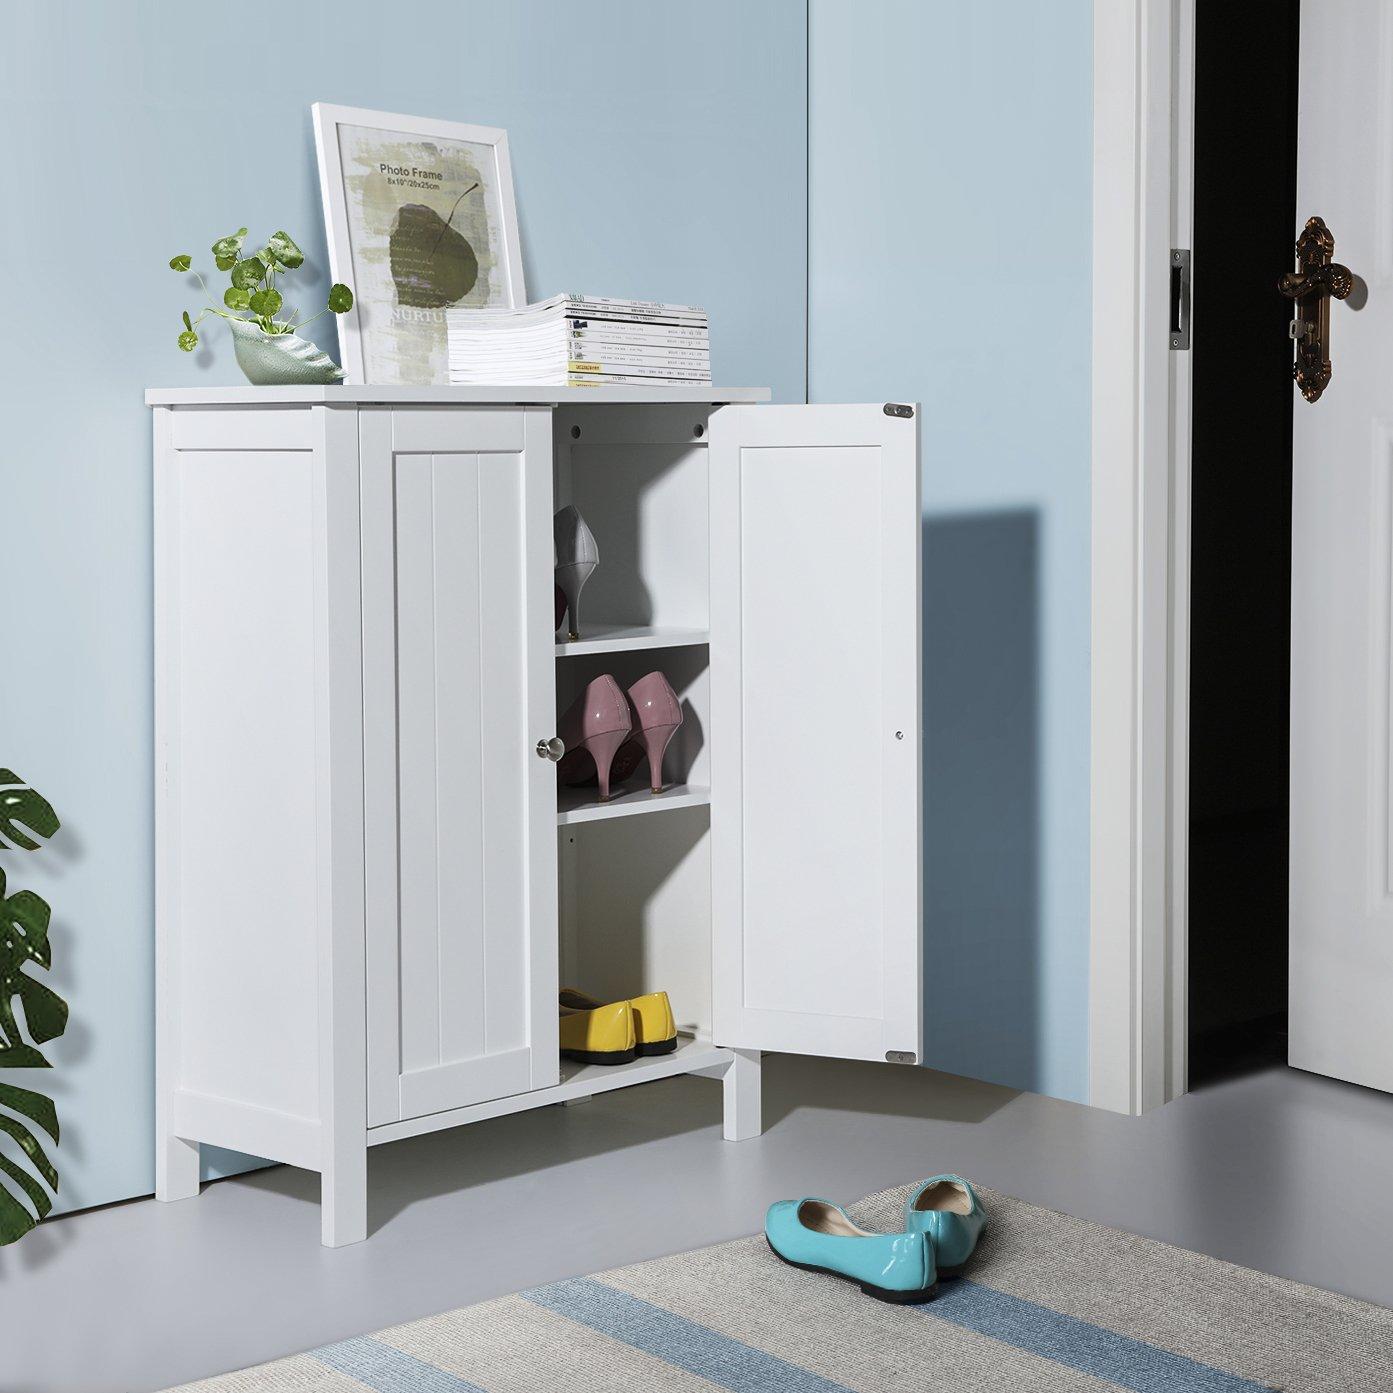 Amazon.com: SONGMICS Bathroom Floor Storage Cabinet with Double Door ...